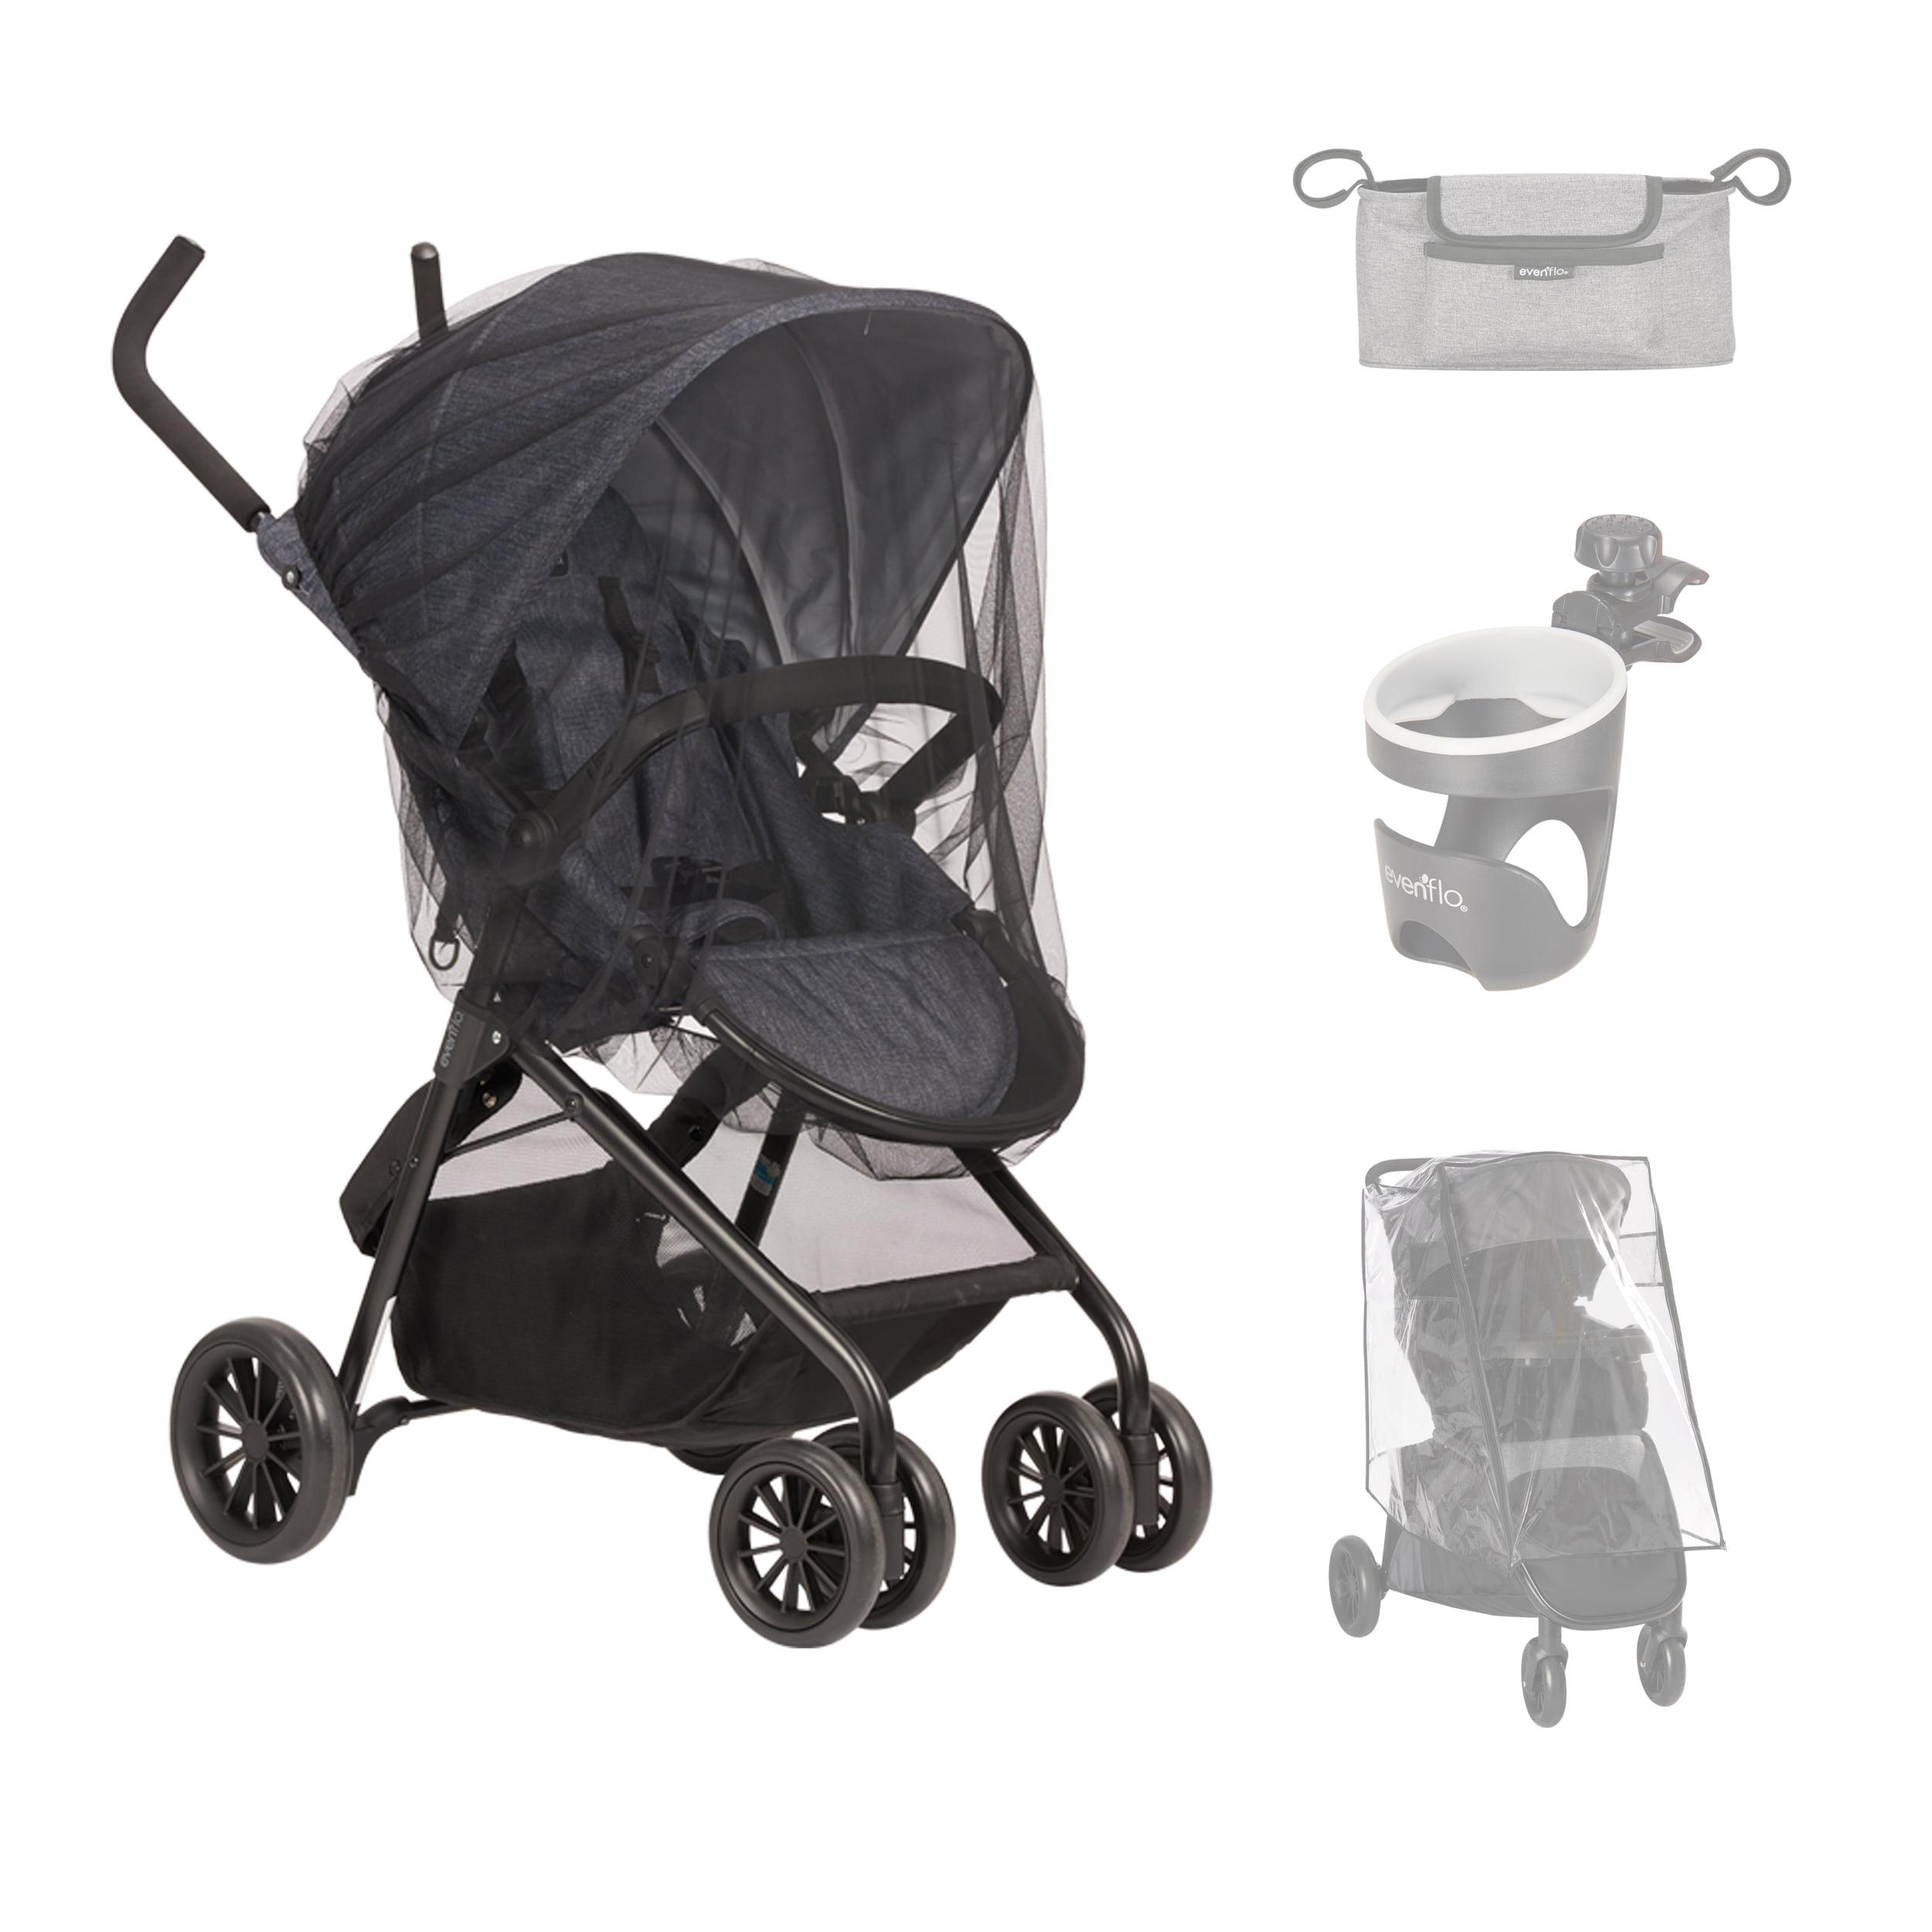 Evenflo Stroller Accessories Starter Kit